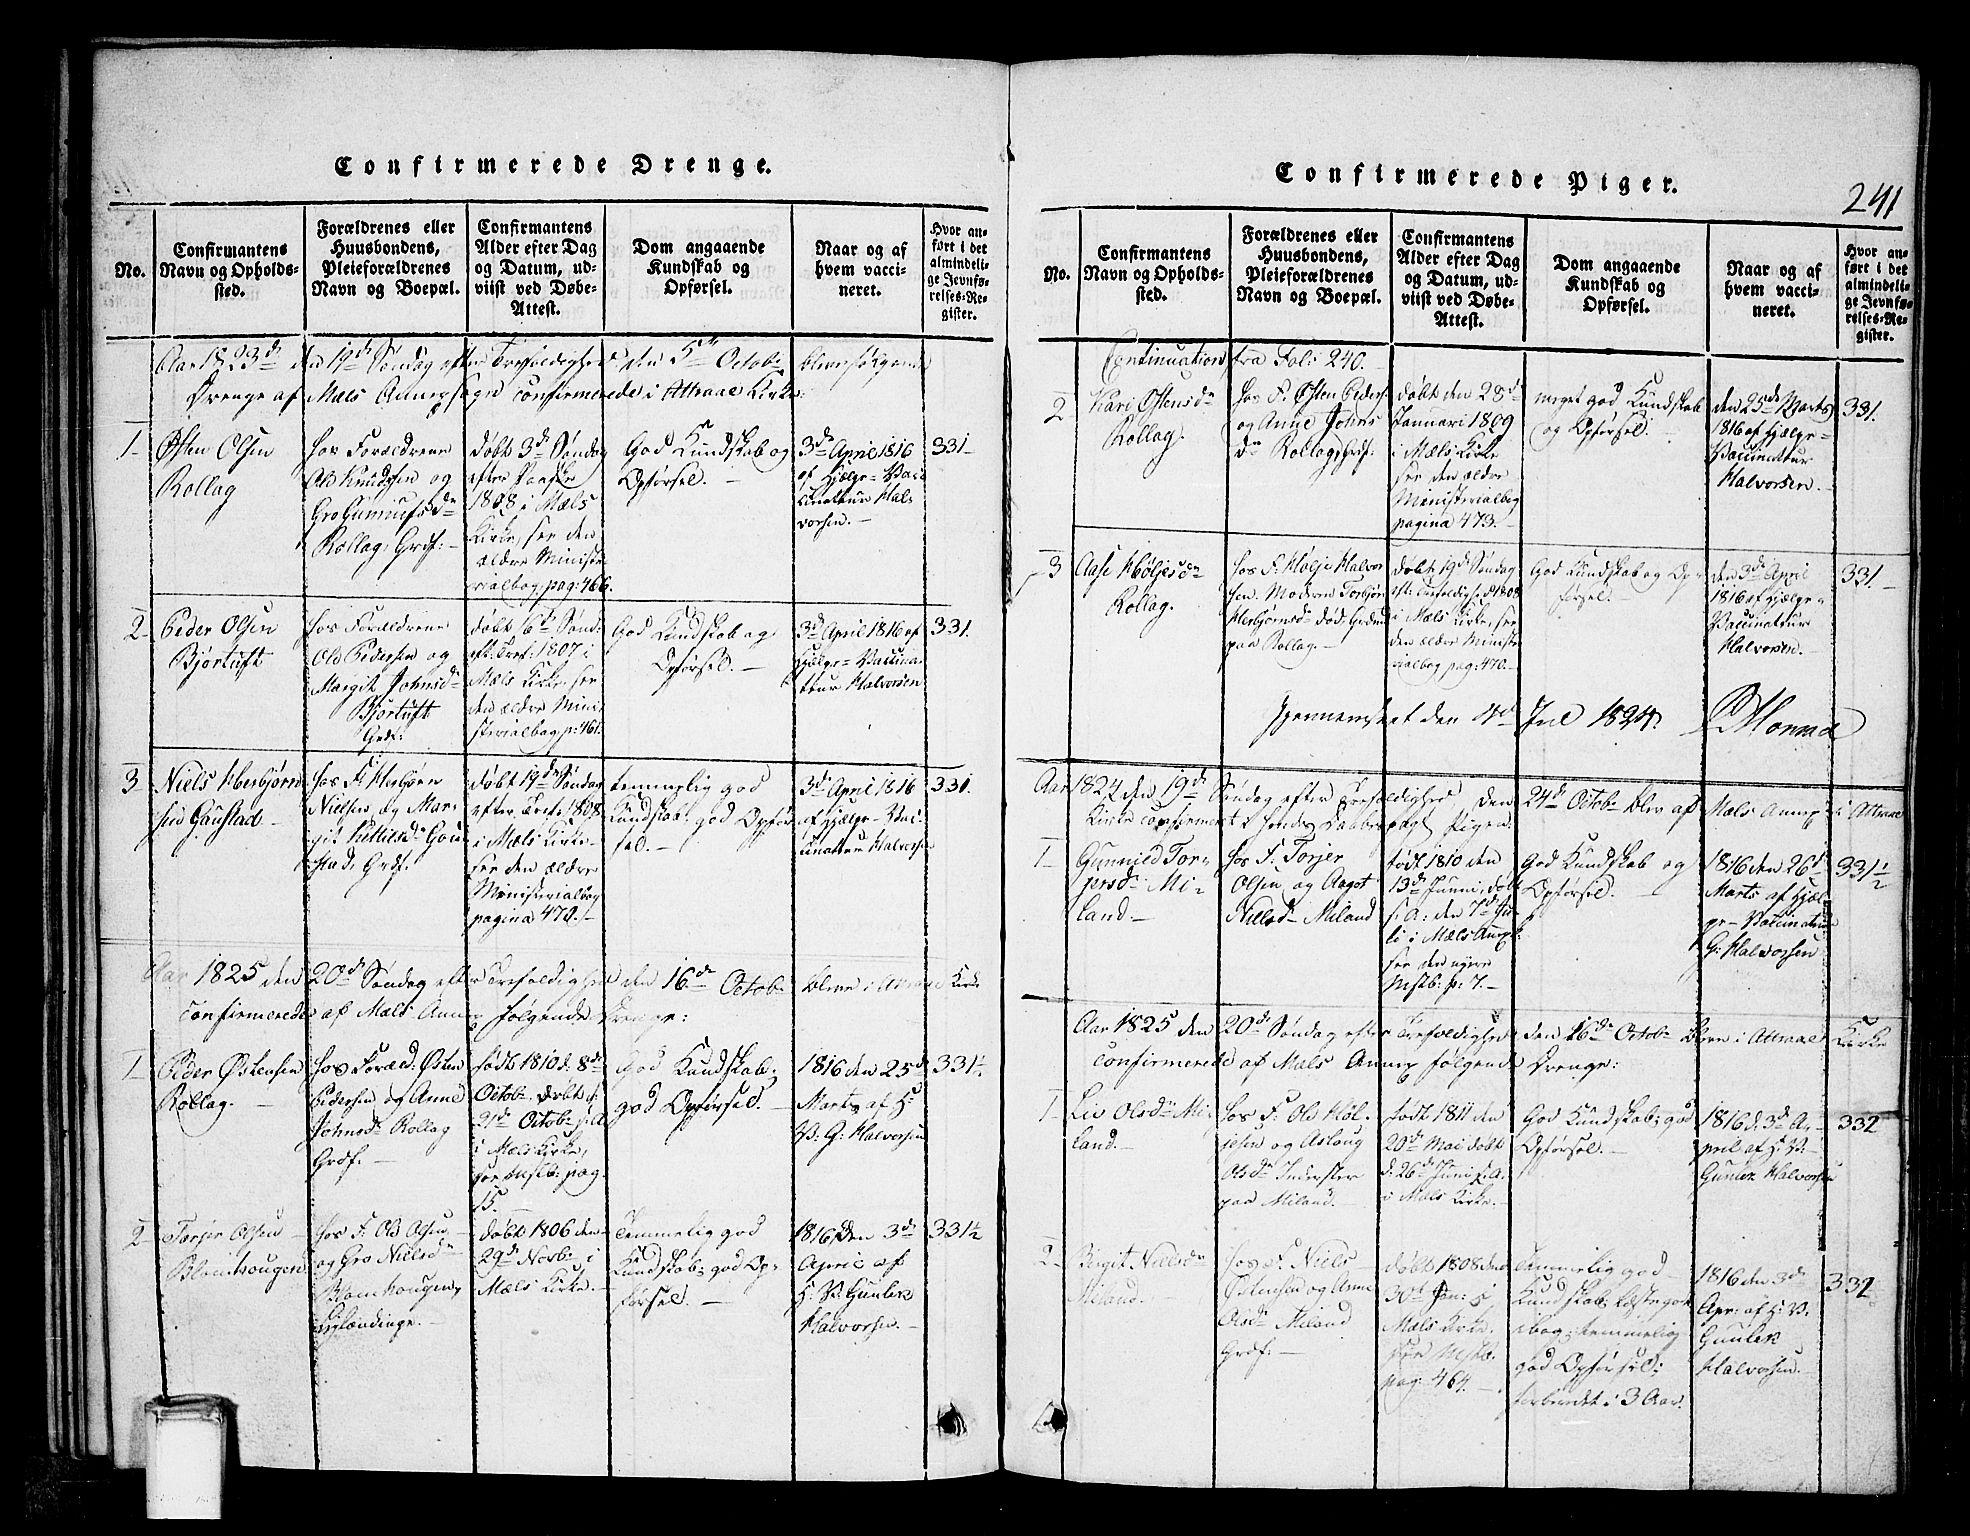 SAKO, Tinn kirkebøker, G/Gb/L0001: Klokkerbok nr. II 1 /1, 1815-1850, s. 241